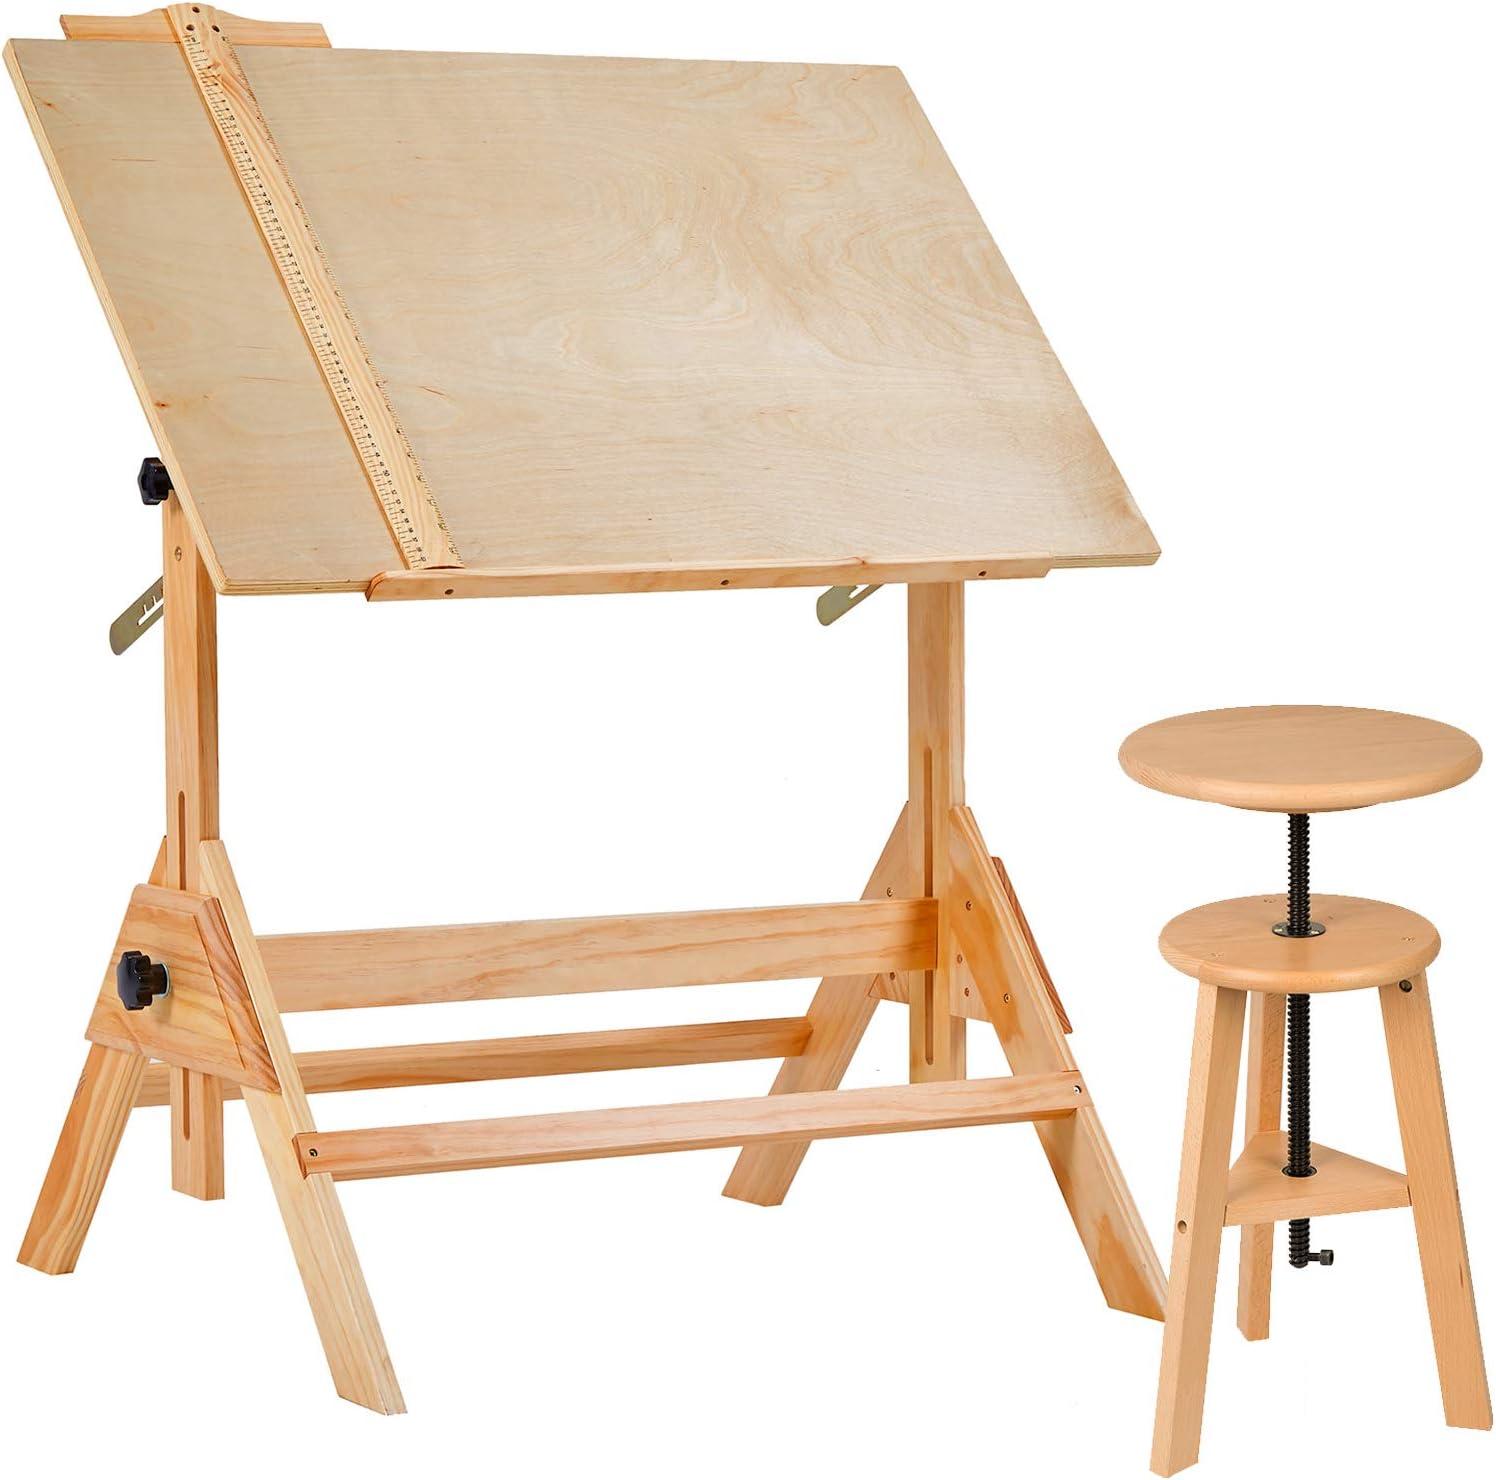 sgabello da cucina cucina bar. uso domestico sgabello da disegno in legno MEEDEN Sgabello da bar in legno con altezza regolabile perfetto per artisti studio